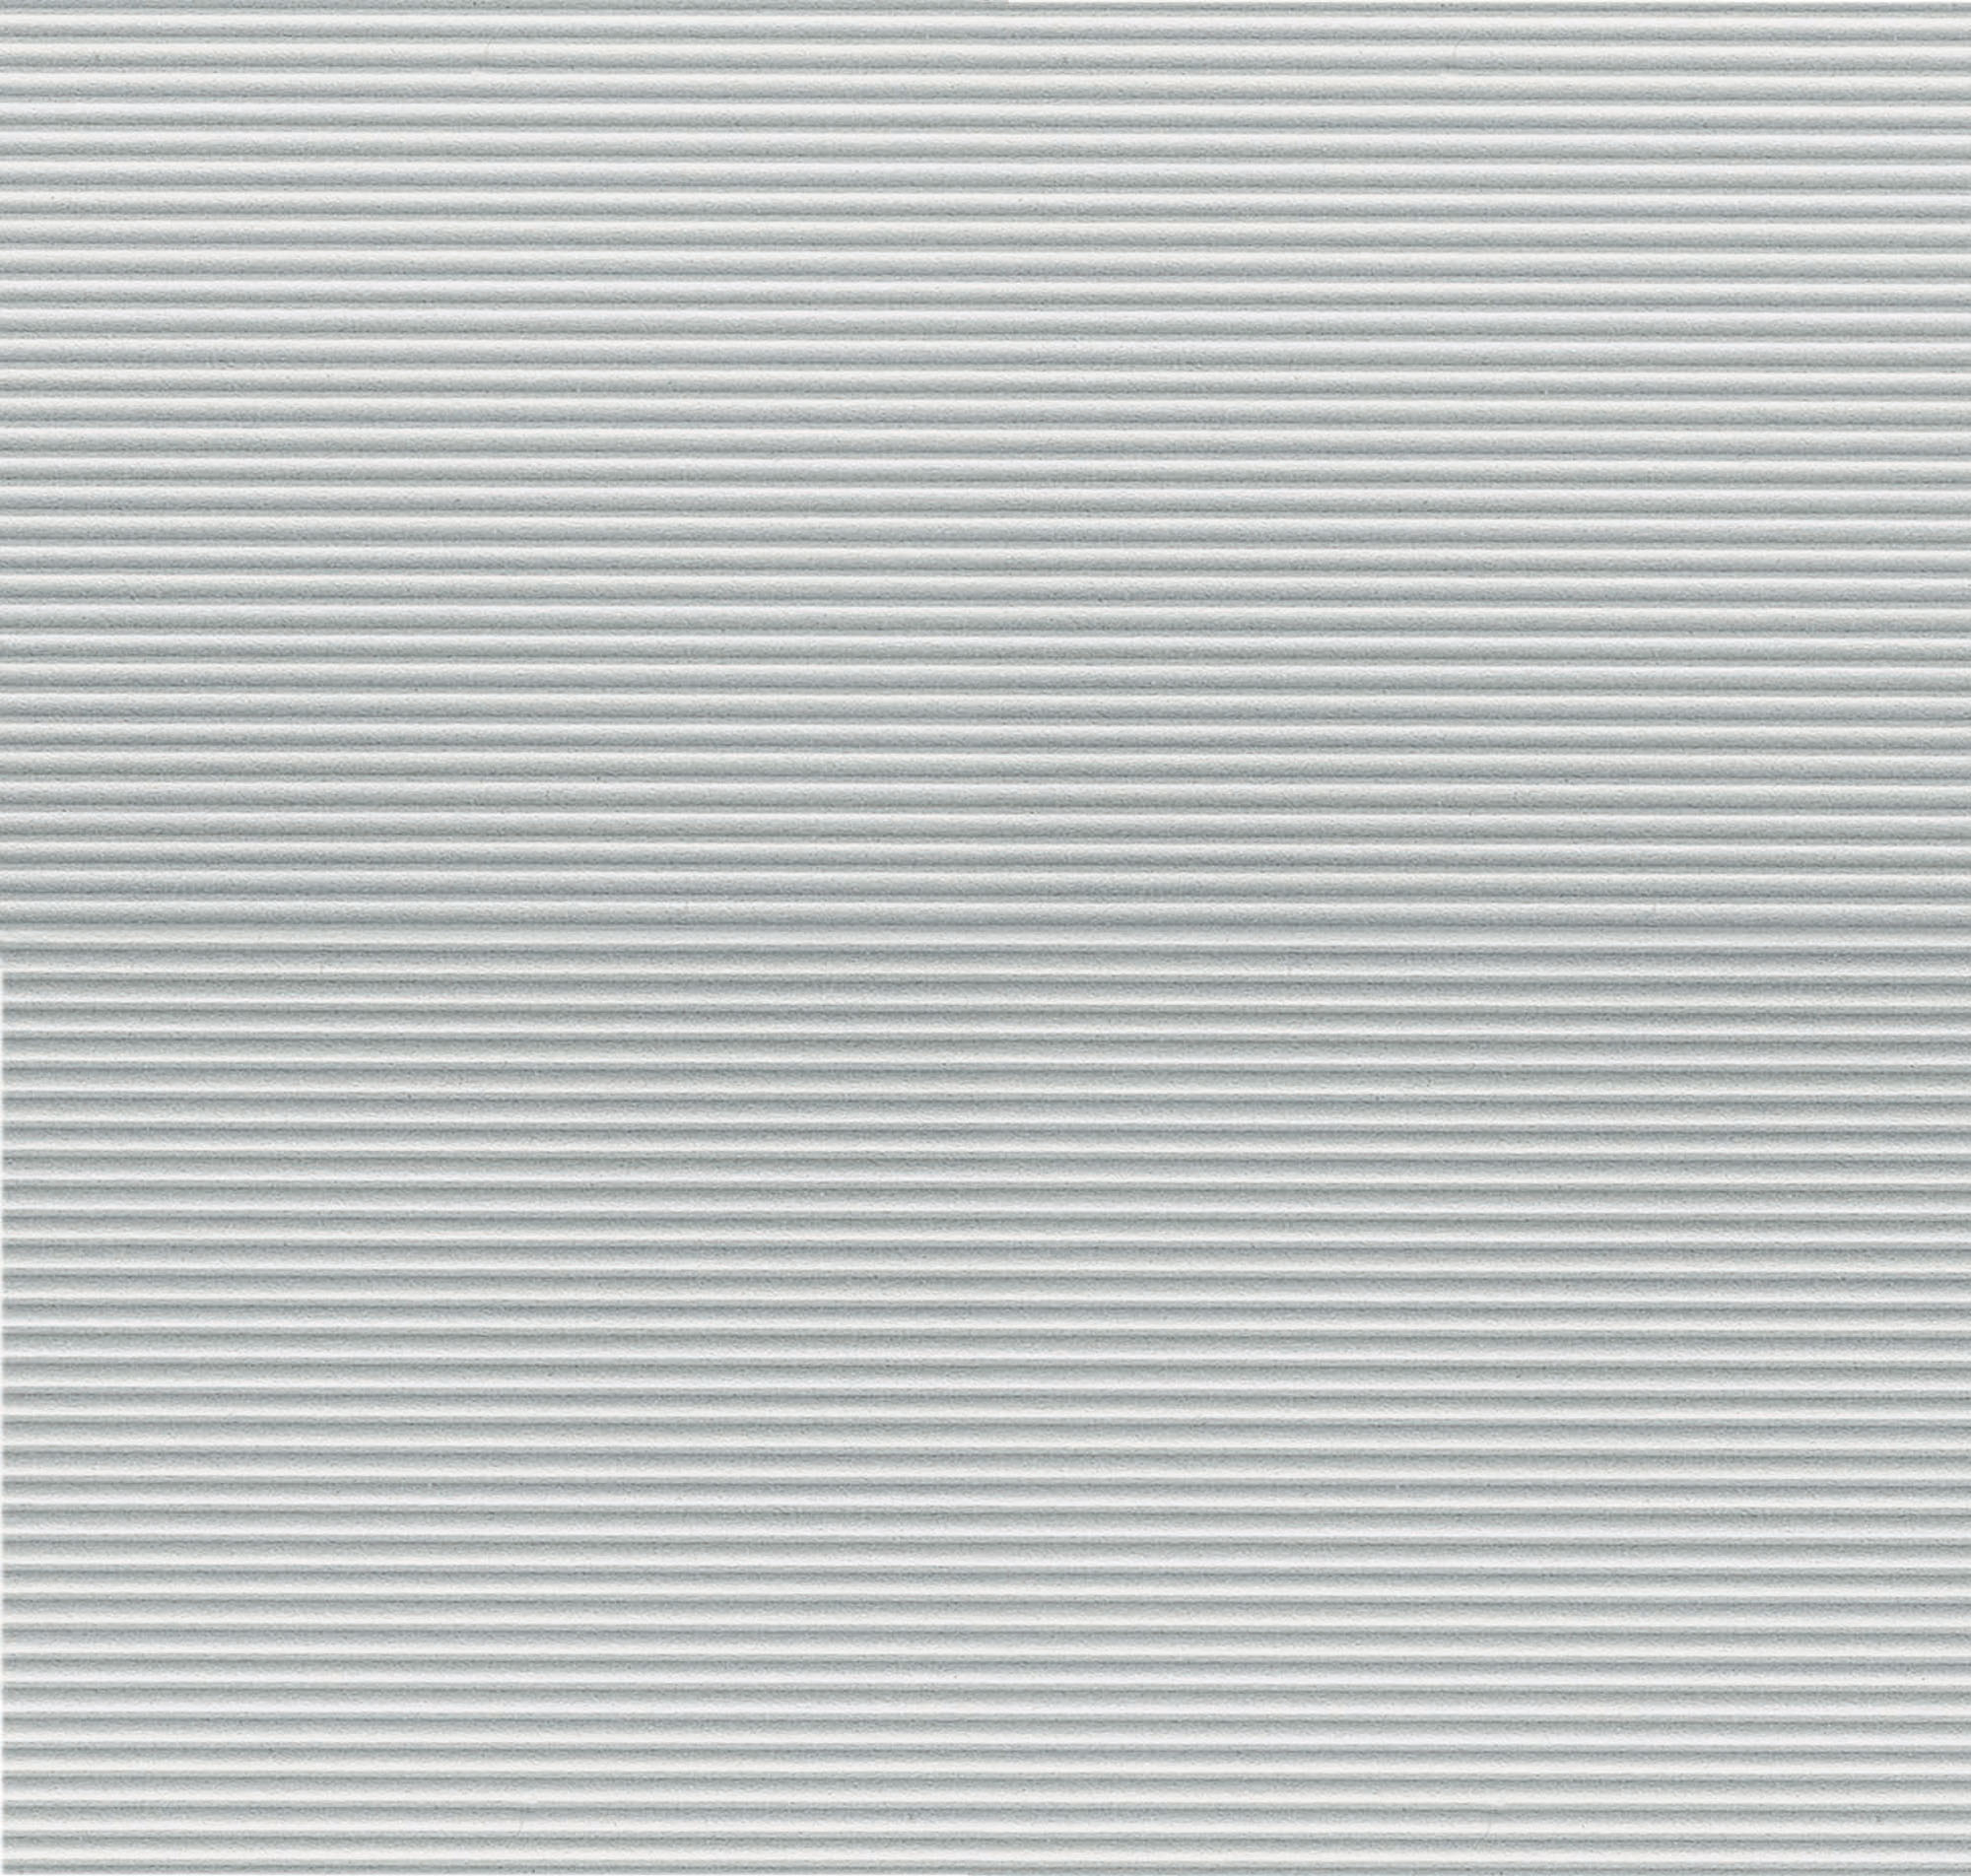 M4749 Isis Horizontal